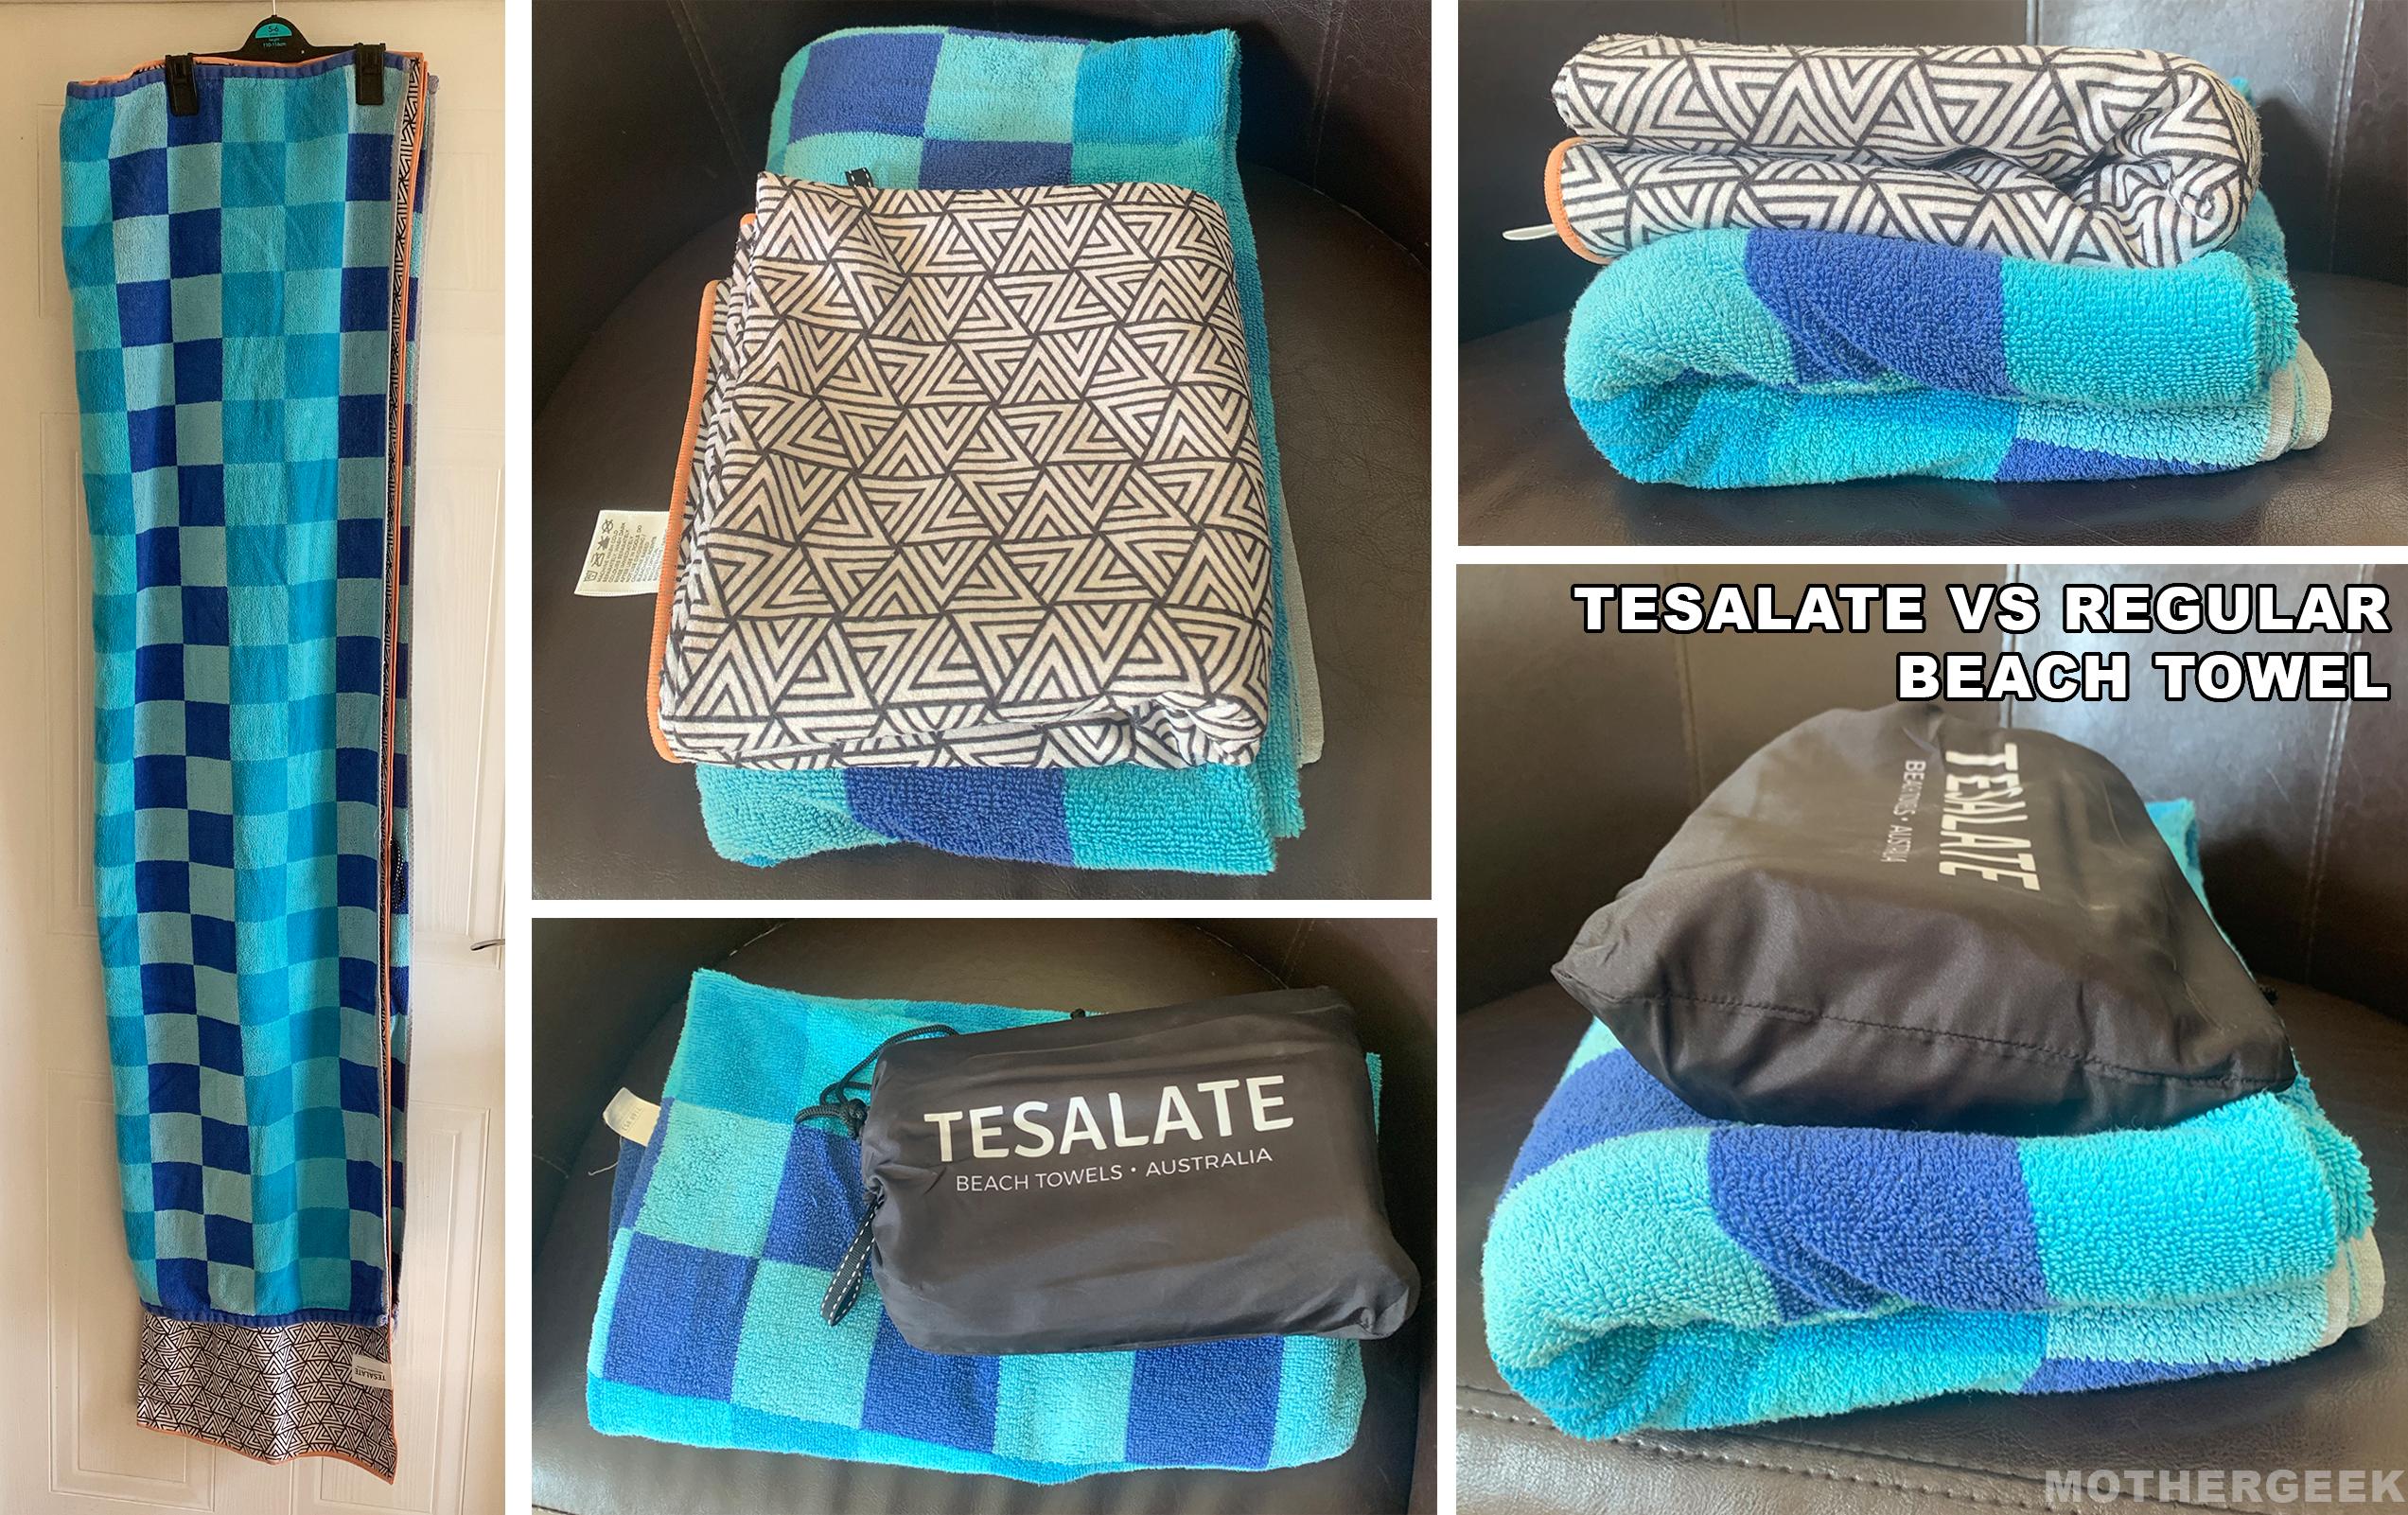 Tesalate Sand-Free Towel